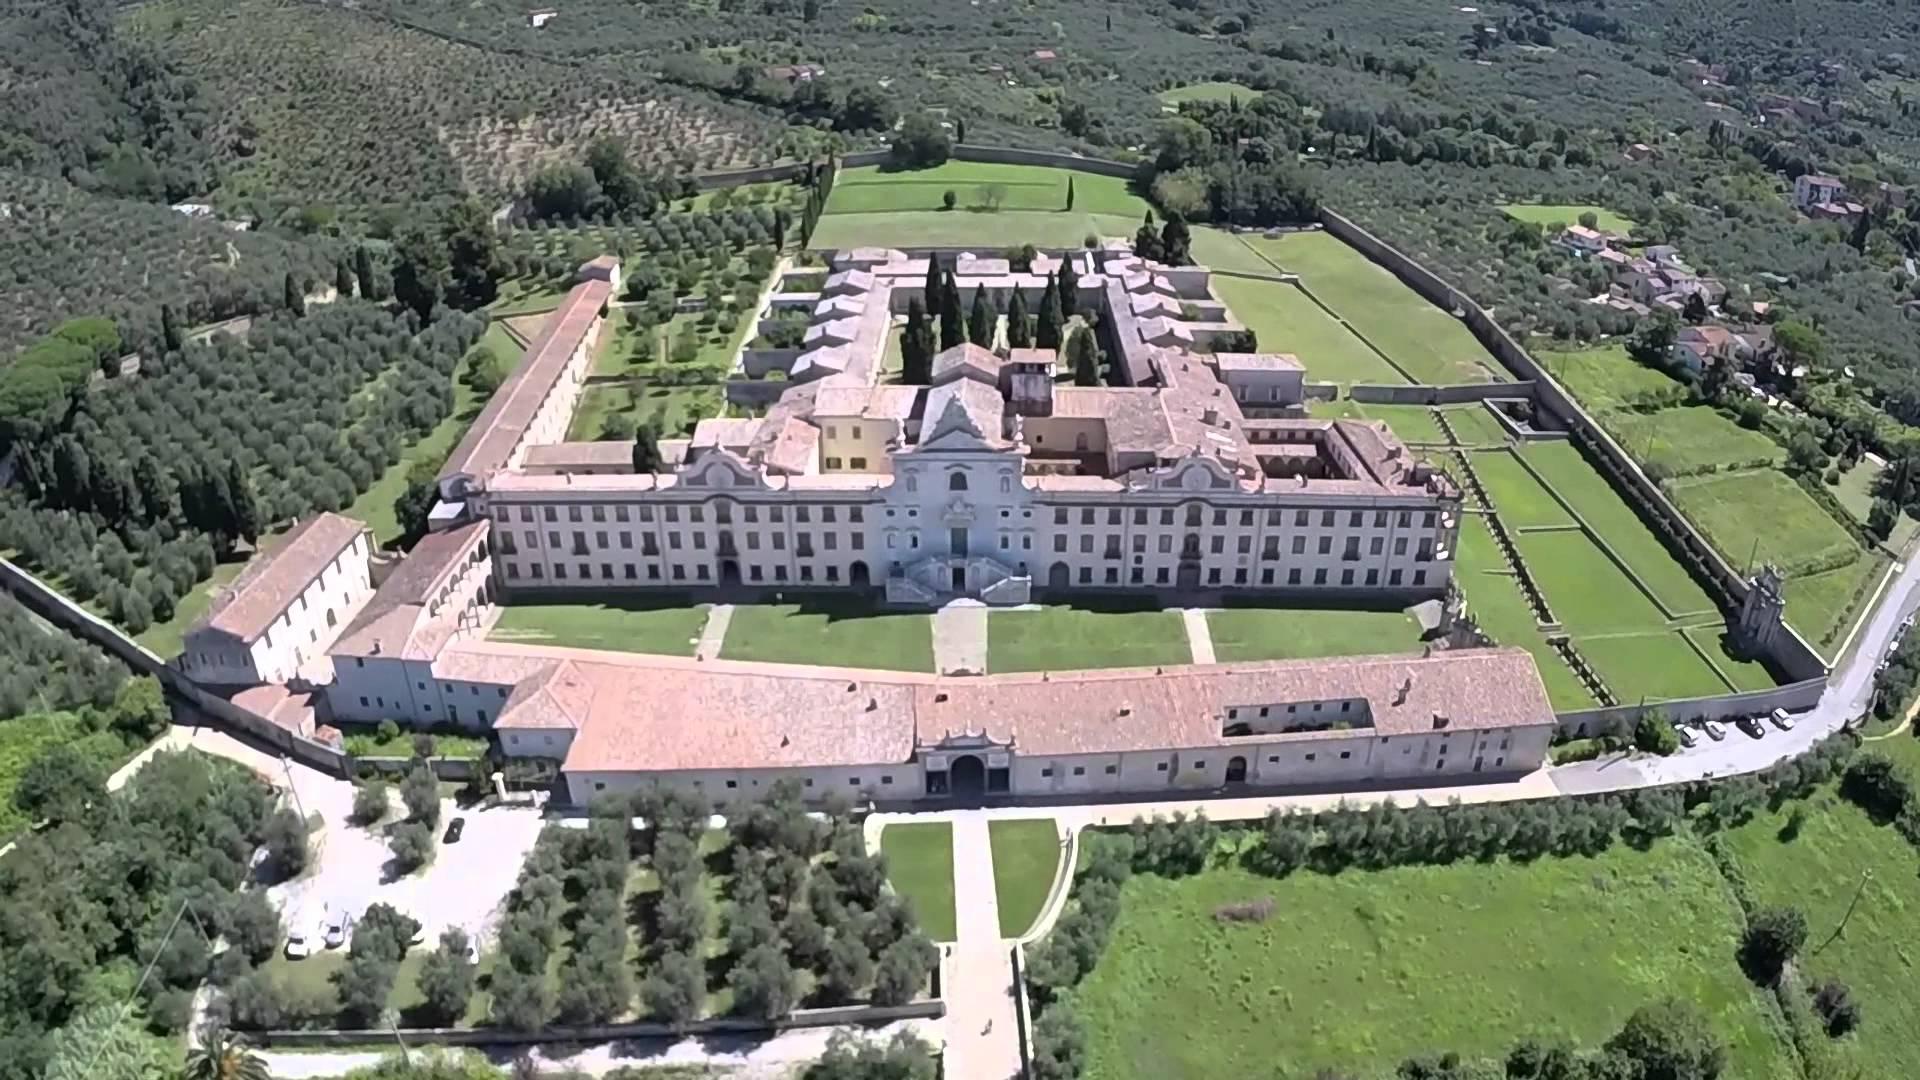 Idee di viaggio: destinazione Toscana seguendo la Via Francigena